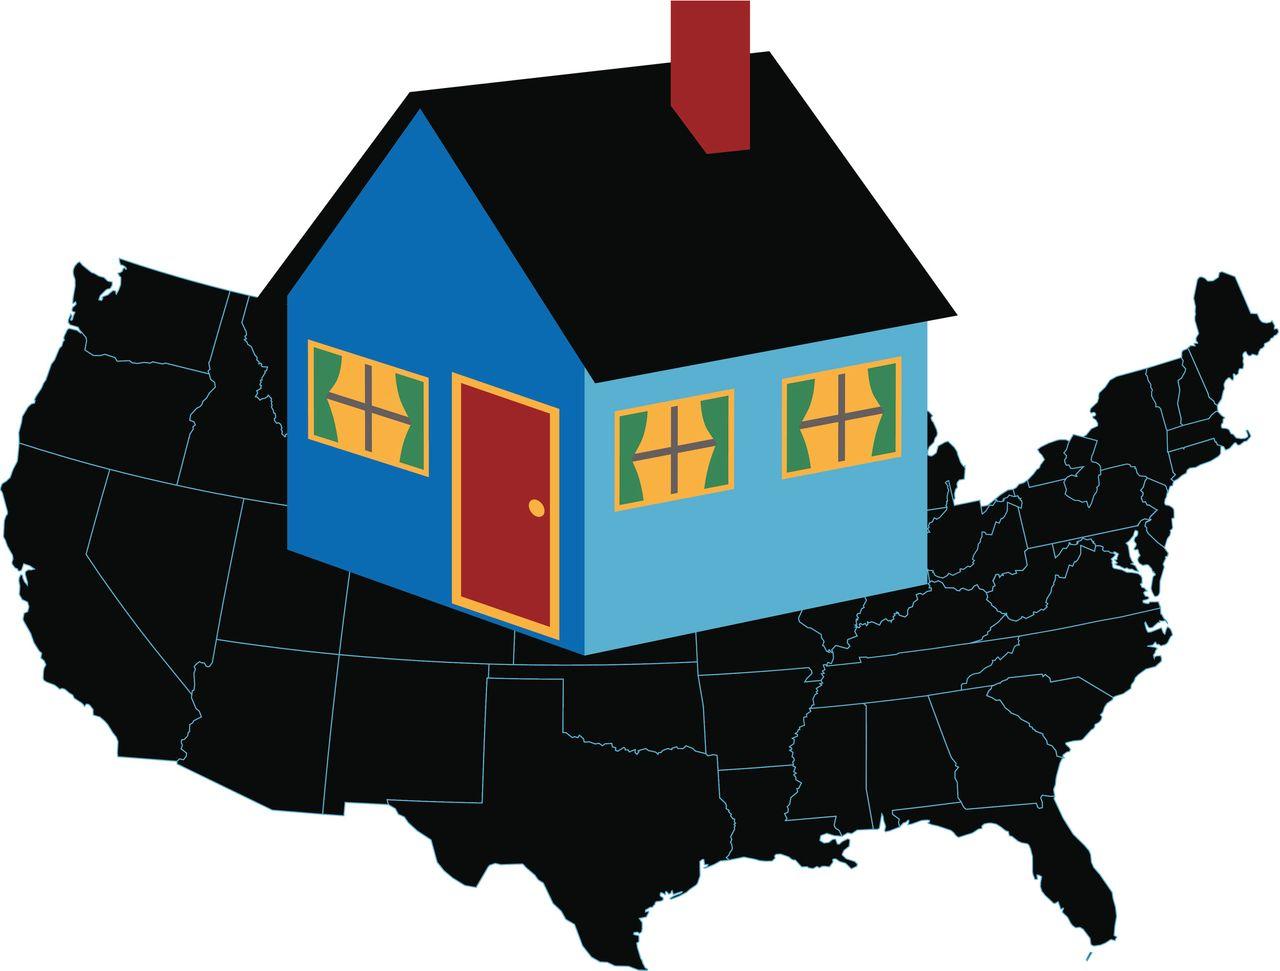 Thuế bất động sản ở đâu thấp nhất nước Mỹ?